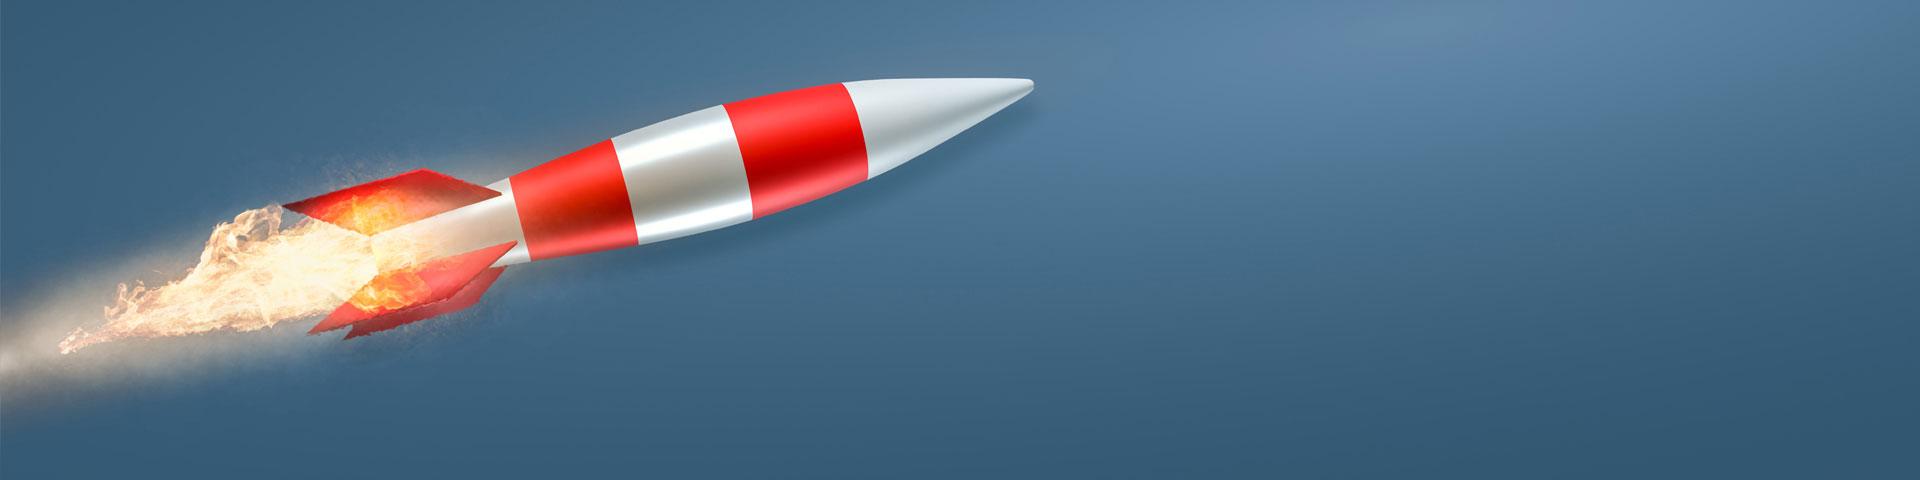 Rot/grau gestreifte Rakete vor dunklem Hintergrund